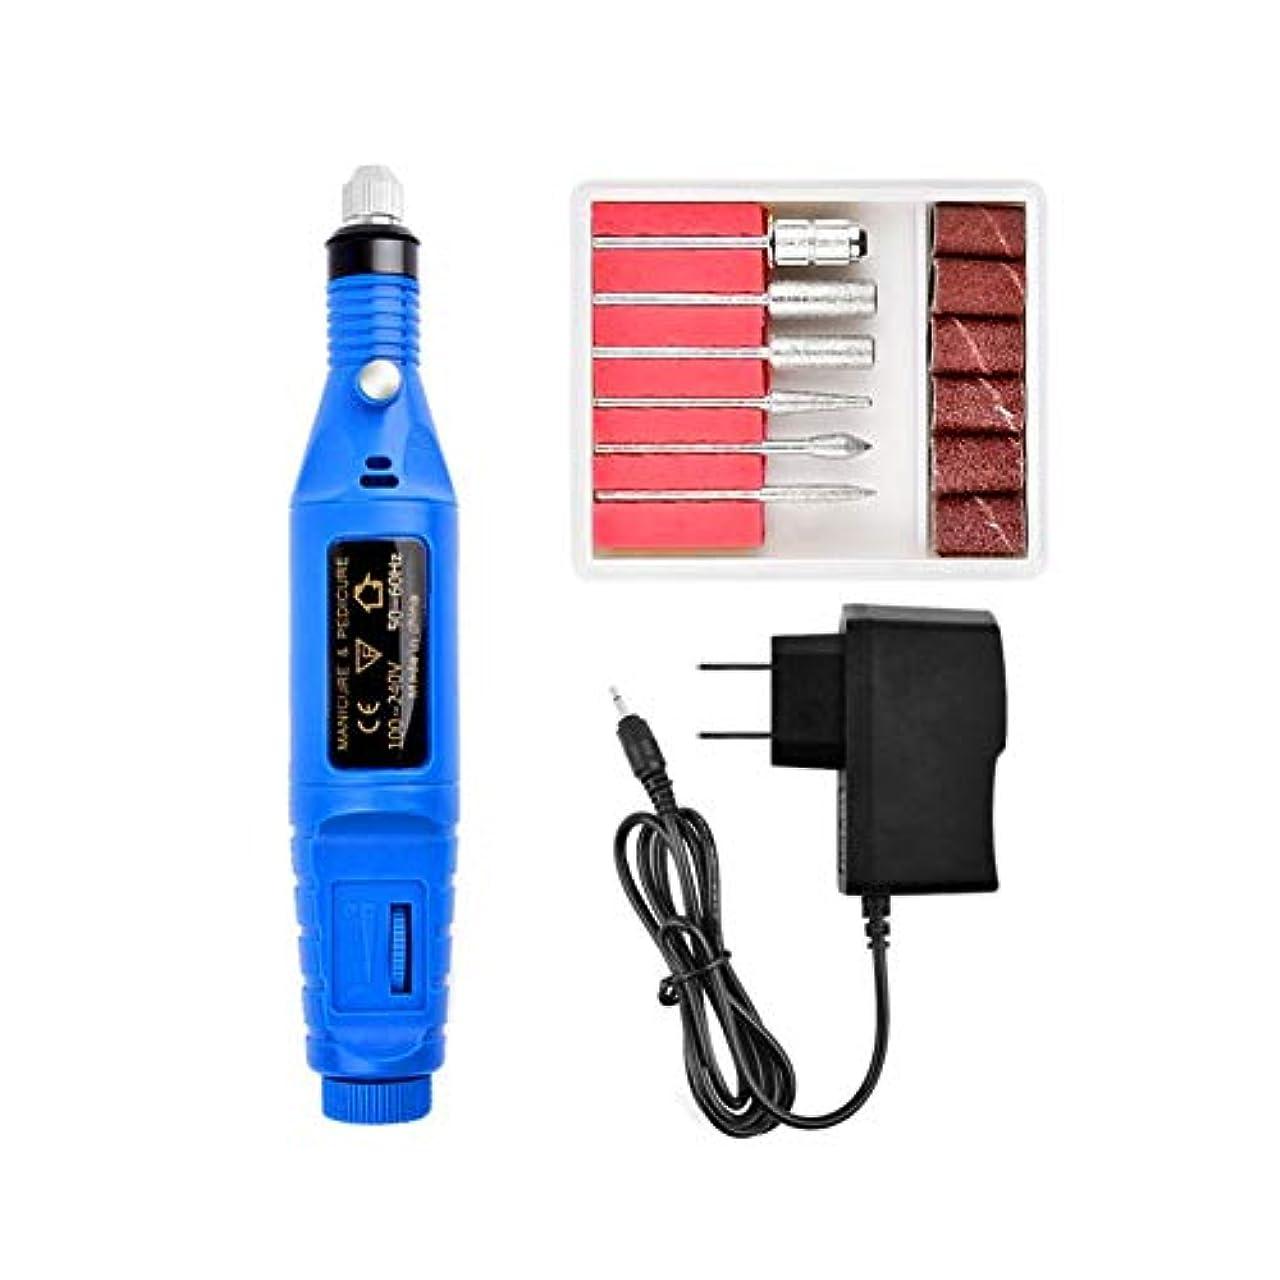 氷閉塞ポジションネイルリムーバーペディキュアツールネイルを充電する電動ネイルドリルペン形状の爪ミニ私たちの青いボルトタイプを供給